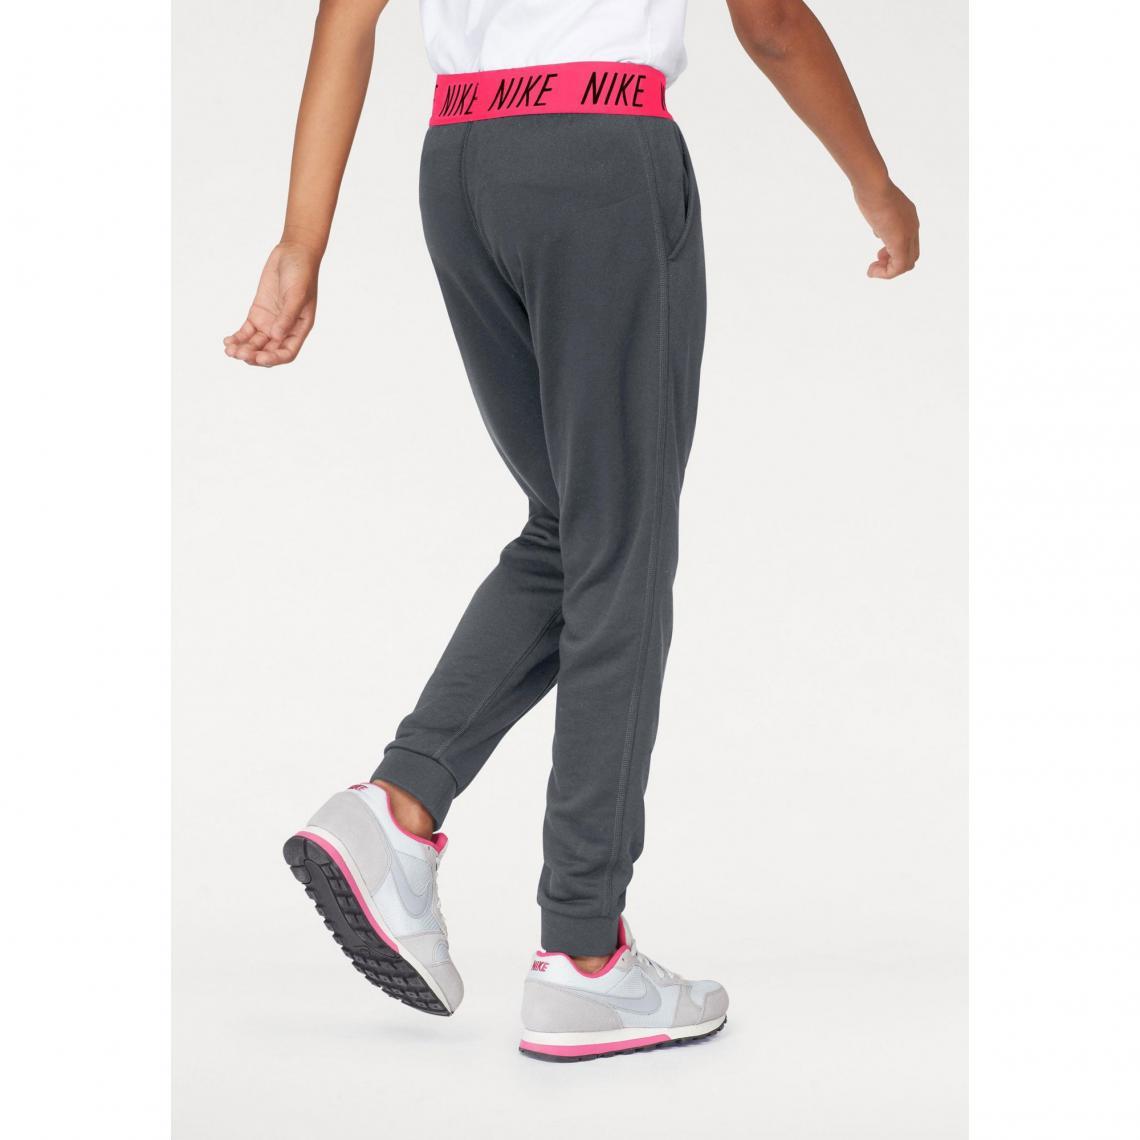 00ef1441f2d Pantalon de survêtement femme Dri-FIT® Nike - Gris